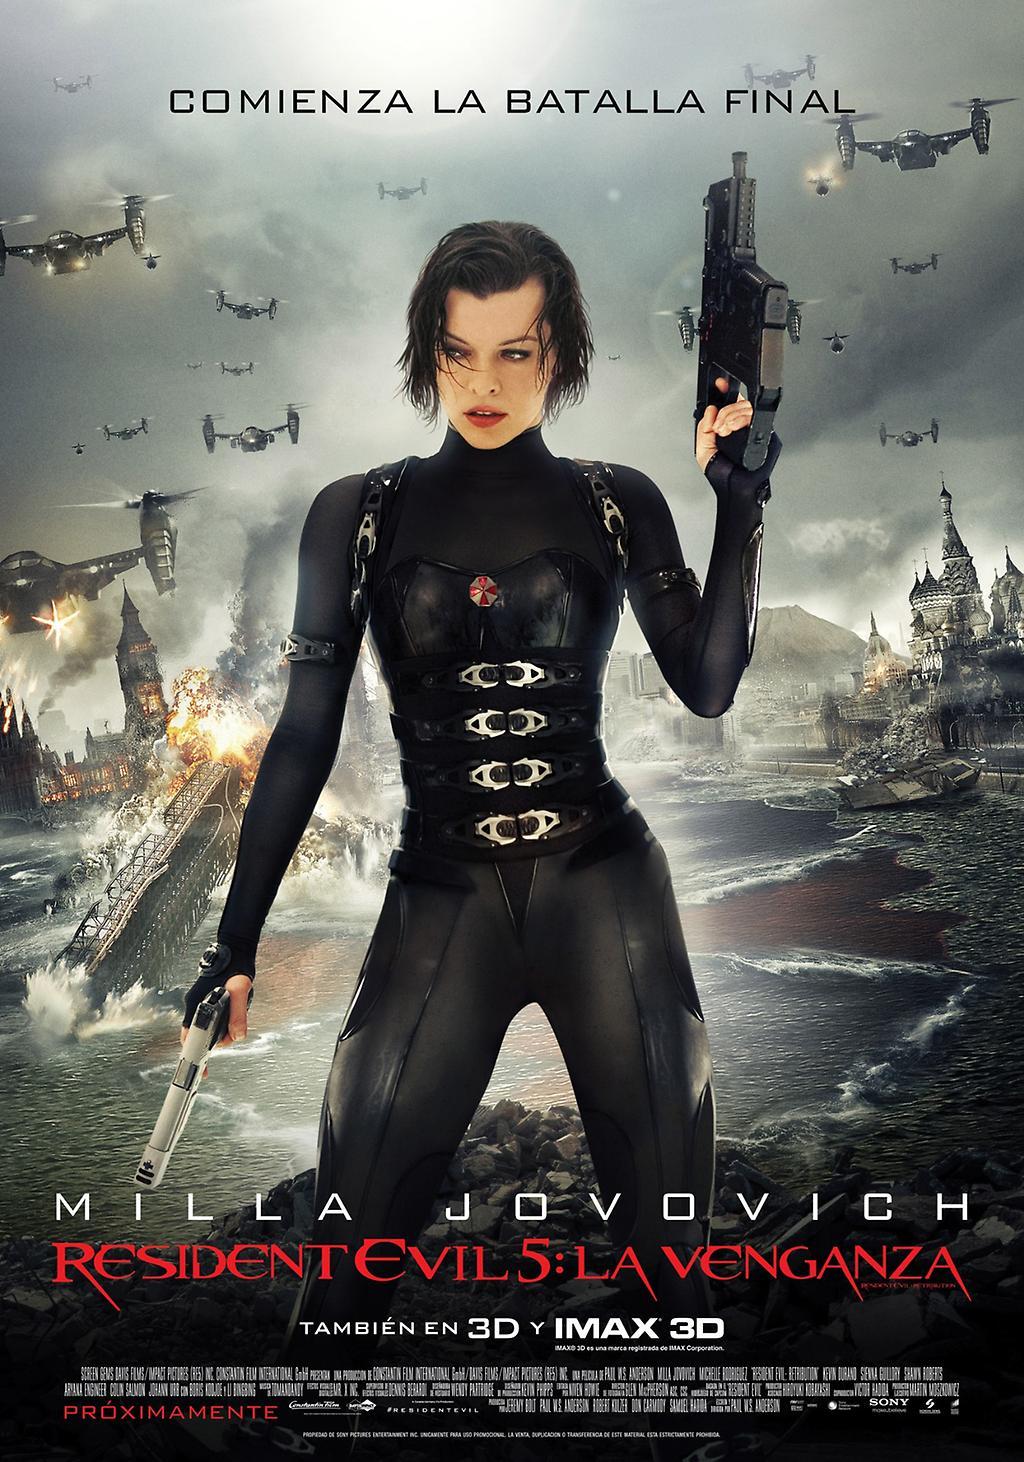 http://4.bp.blogspot.com/-fmlliXuBZKw/UPHeIxu7_vI/AAAAAAAAAE0/s8-Eimtlsgk/s1600/Resident+Evil+Venganza+5.jpg